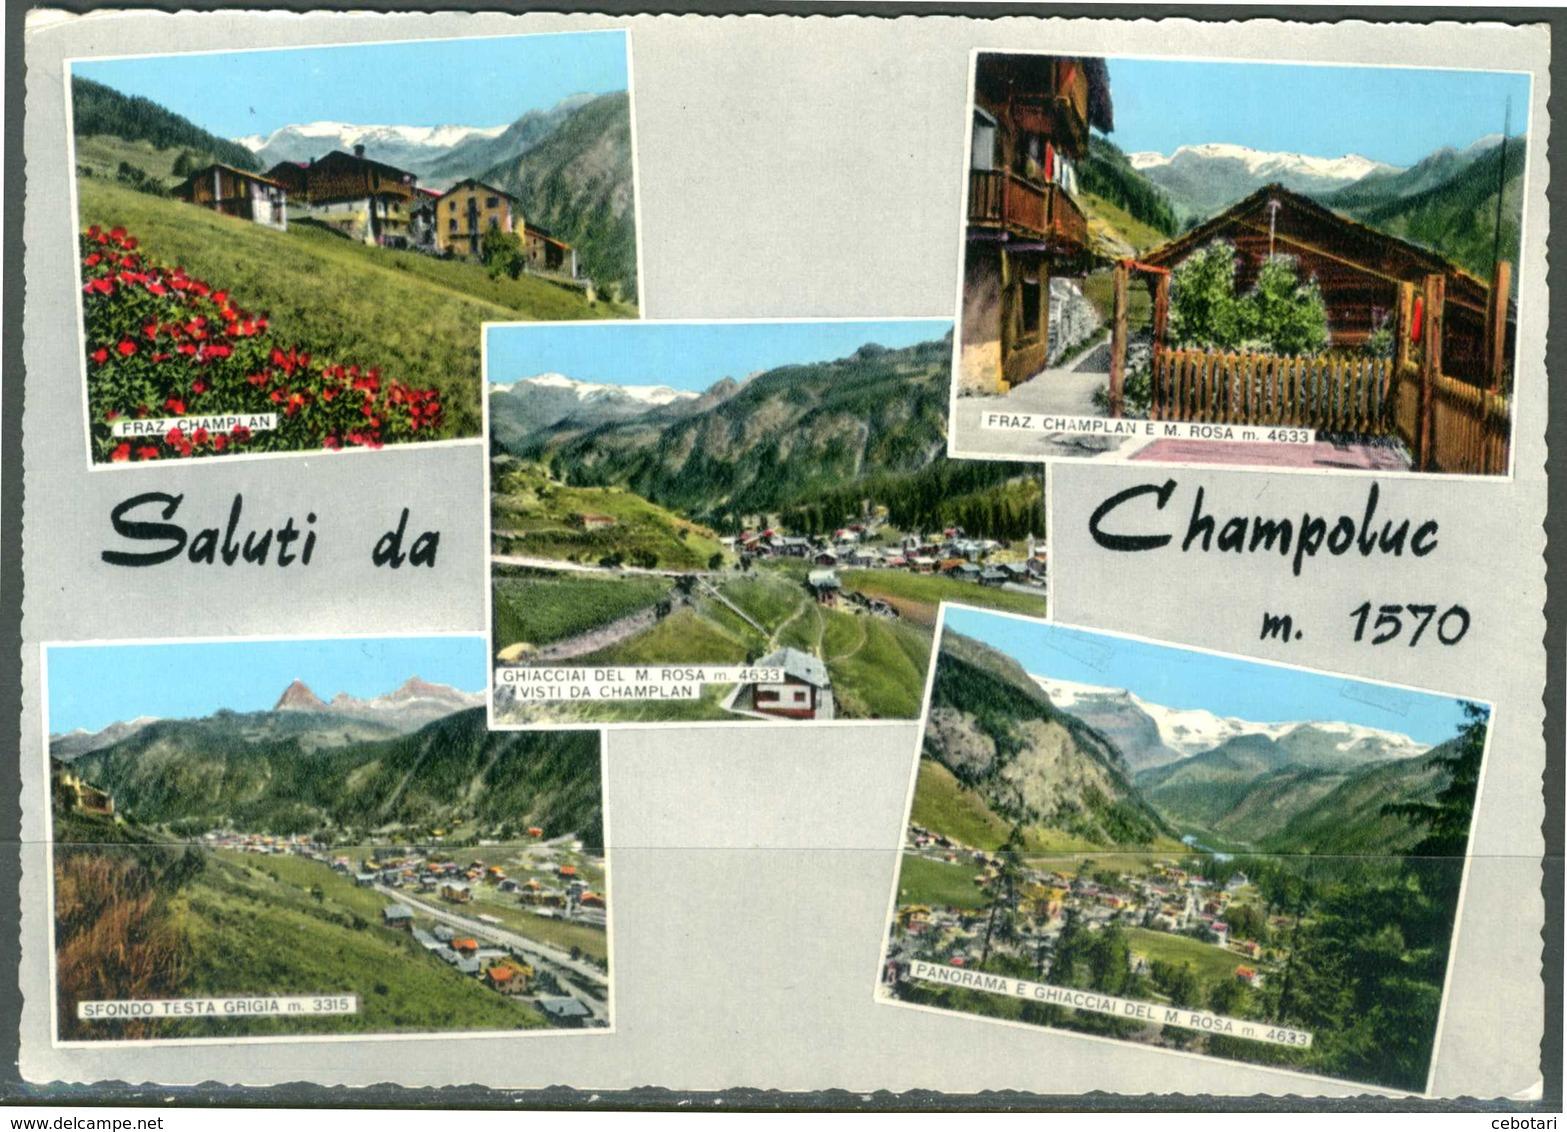 CHAMPOLUC (AO) - Saluti - Vedute - Cartolina Viaggiata Anno 1963 Come Da Scansione. - Italia